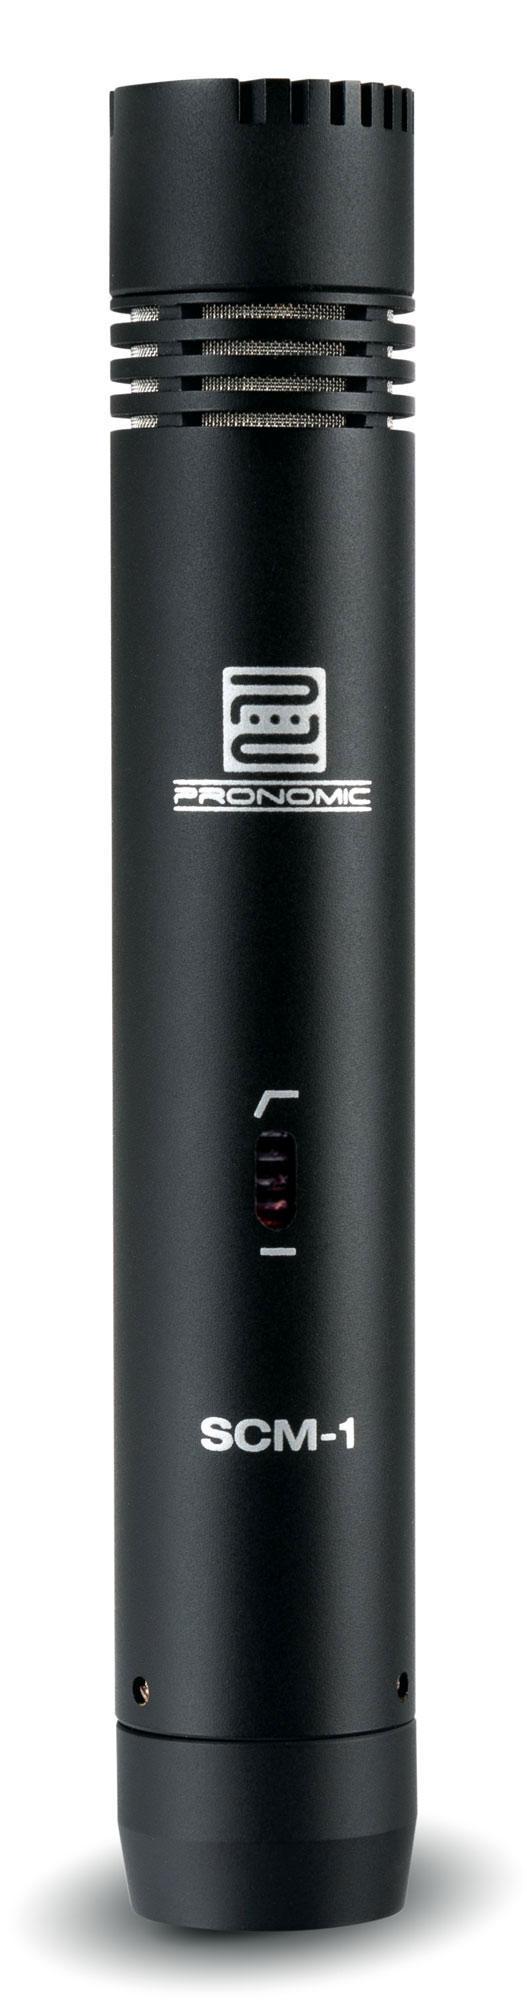 Pronomic SCM 1 Kleinmembranmikrofon schwarz